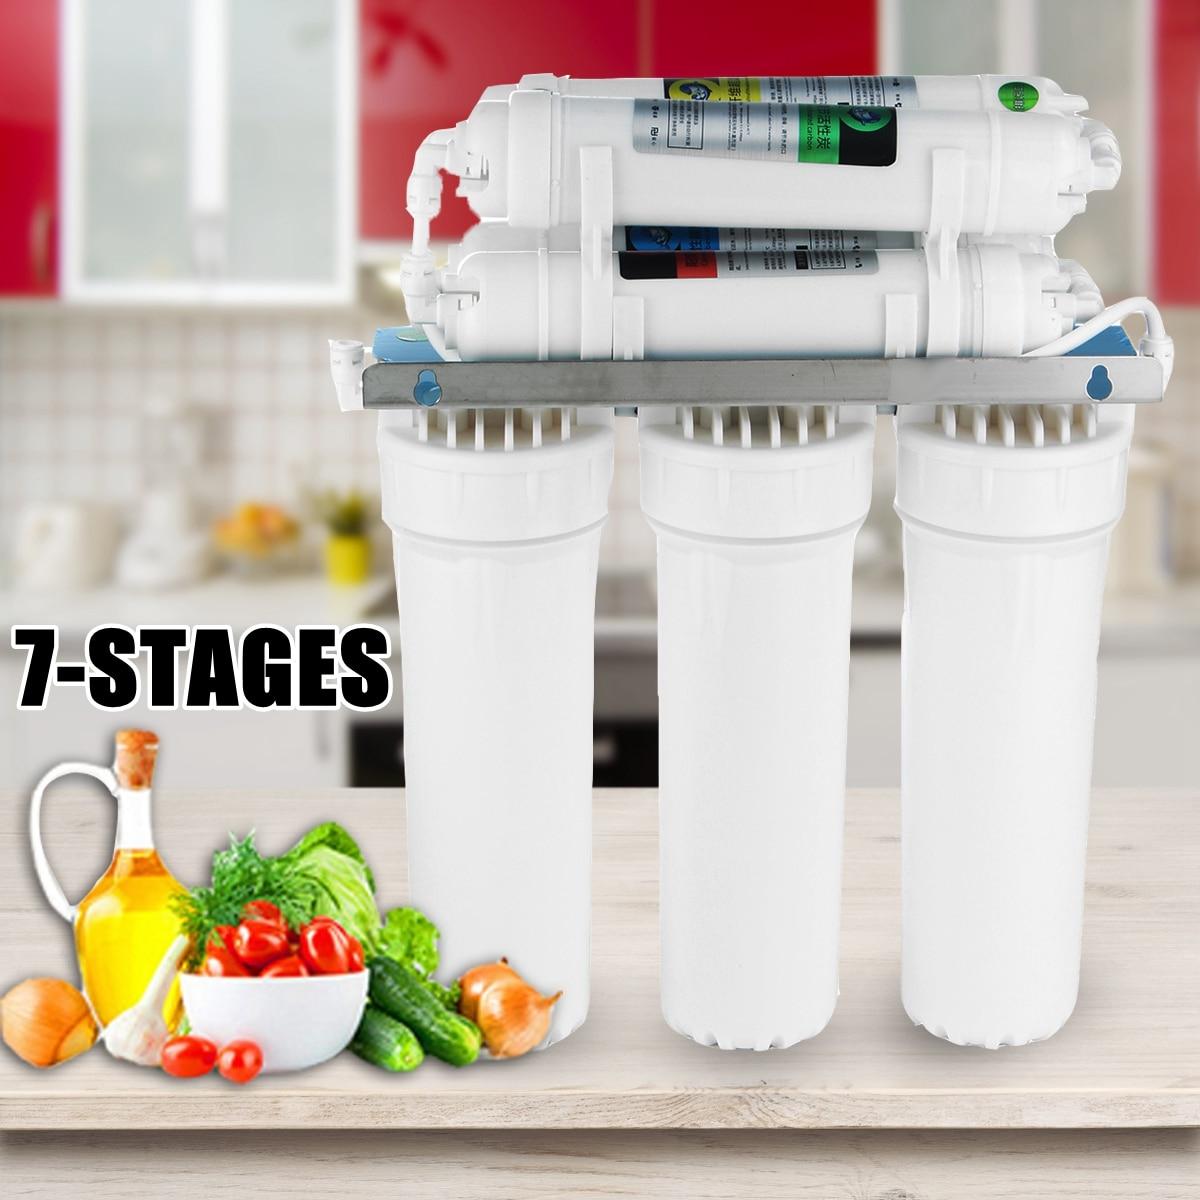 7-fase di Sistema di Filtraggio Dell'acqua Potabile Ultrafiltrazione Sistema di Cucina di Casa Depuratore di Acqua Filtri Con Rubinetto Tubo di Acqua Valvola